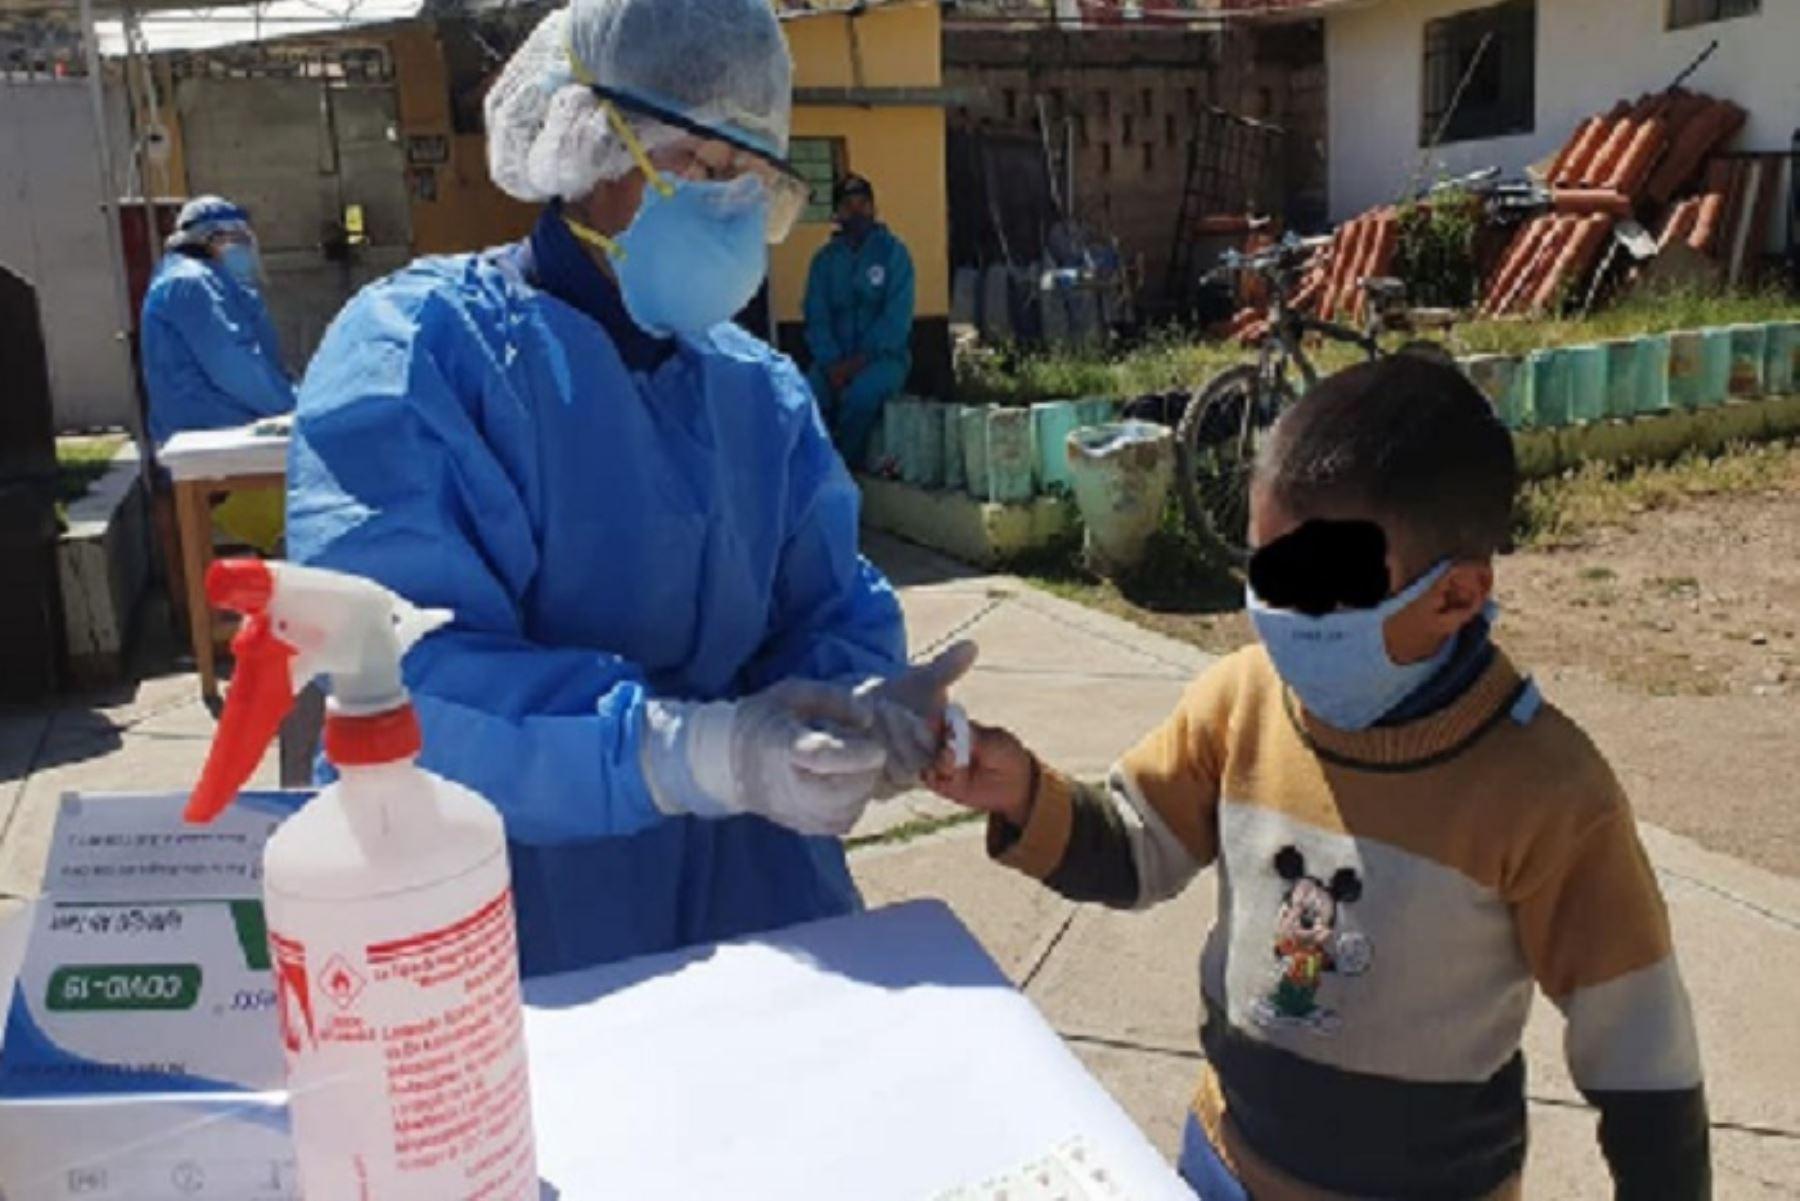 Tamizaje forma parte de las actividades que emprendió el sector Salud para priorizar la toma de pruebas en lugares cerrados y de mediana aglomeración para que estén limpios del nuevo coronavirus.